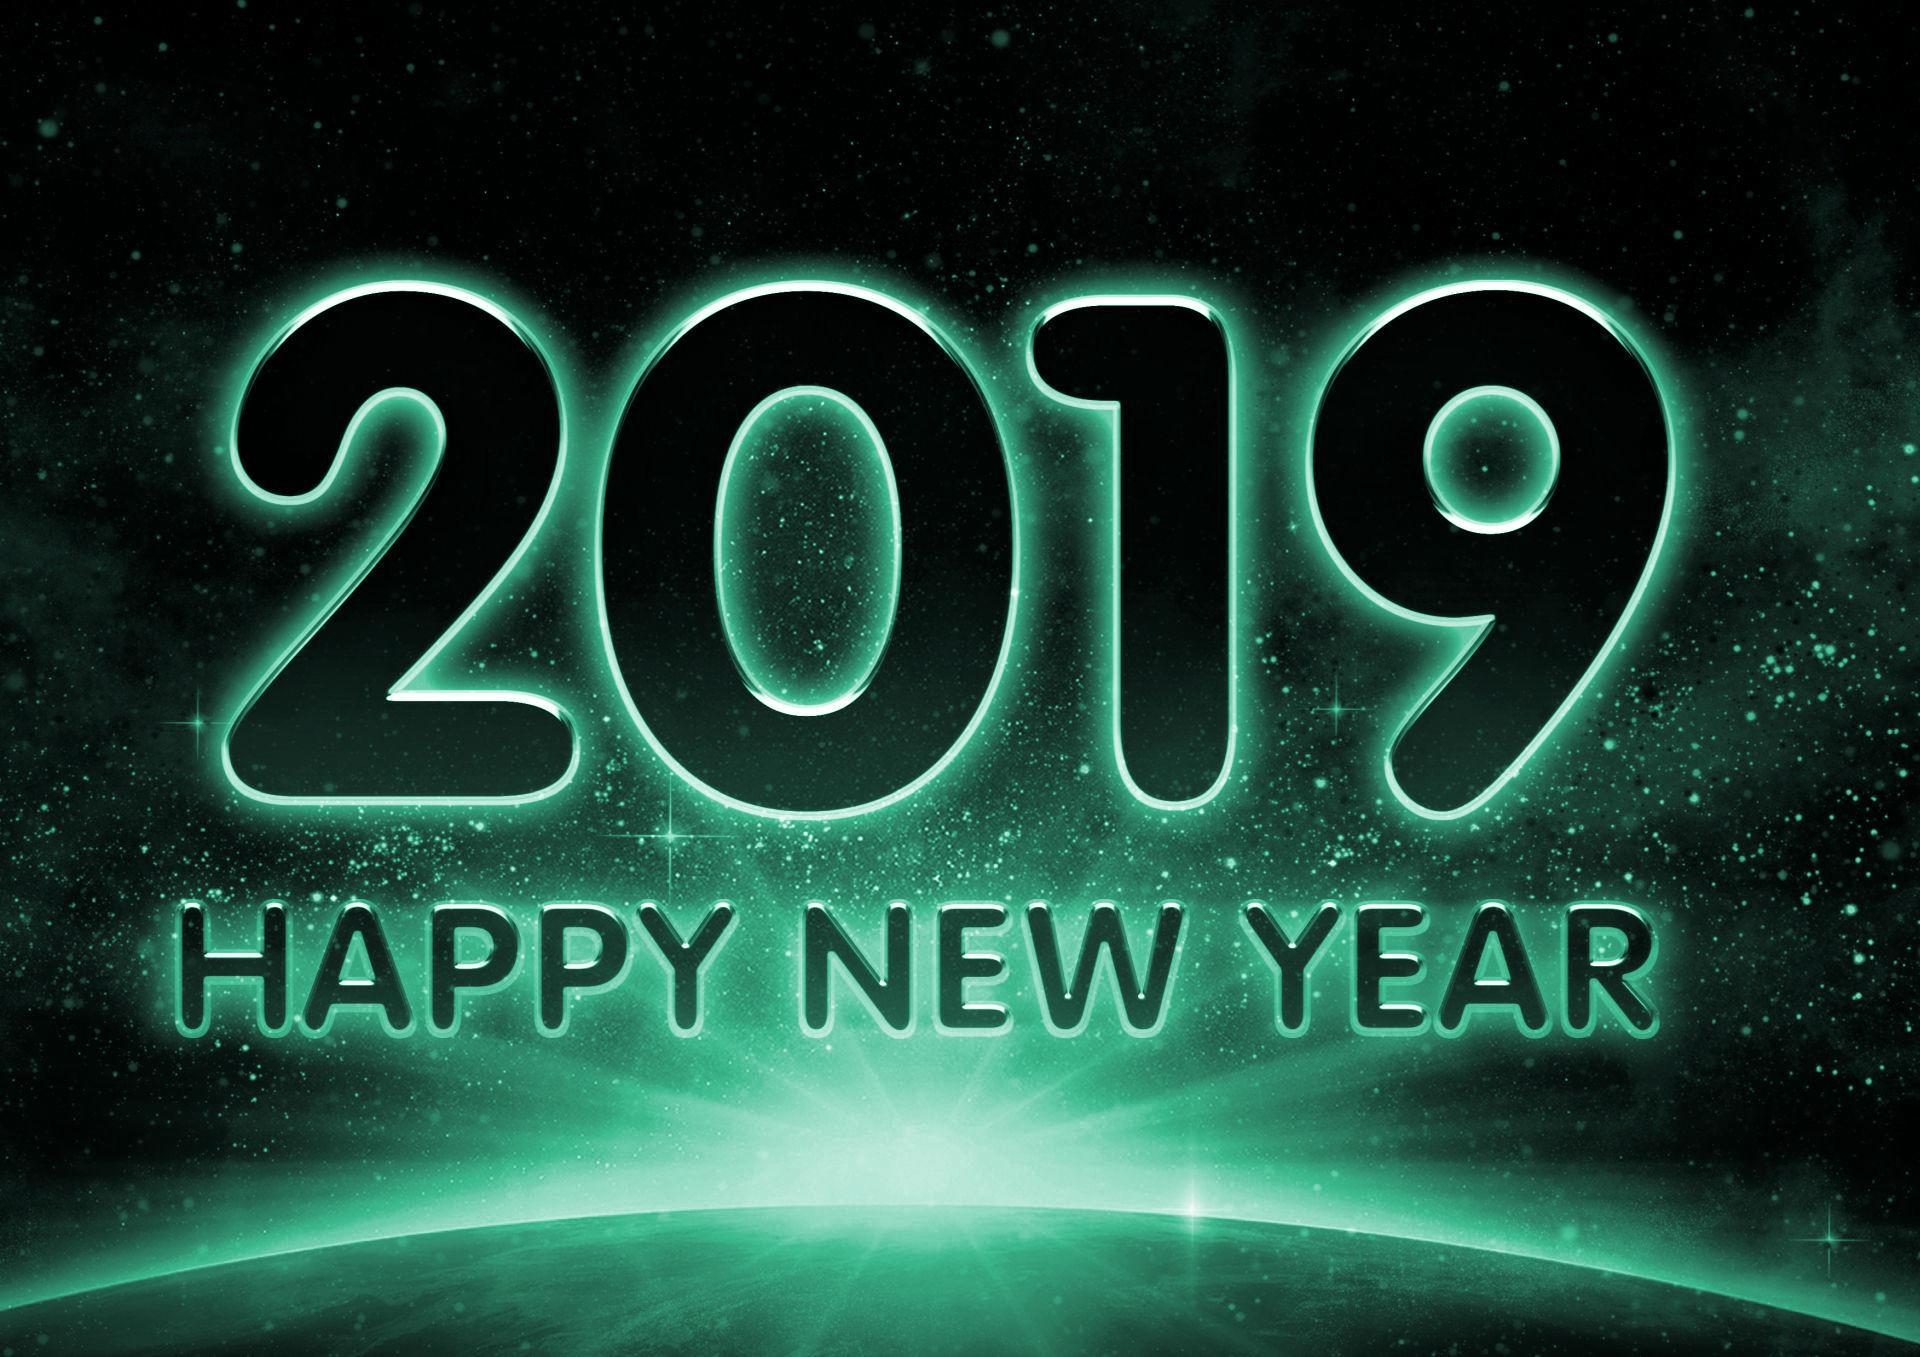 Wunsche gutes neues jahr 2019